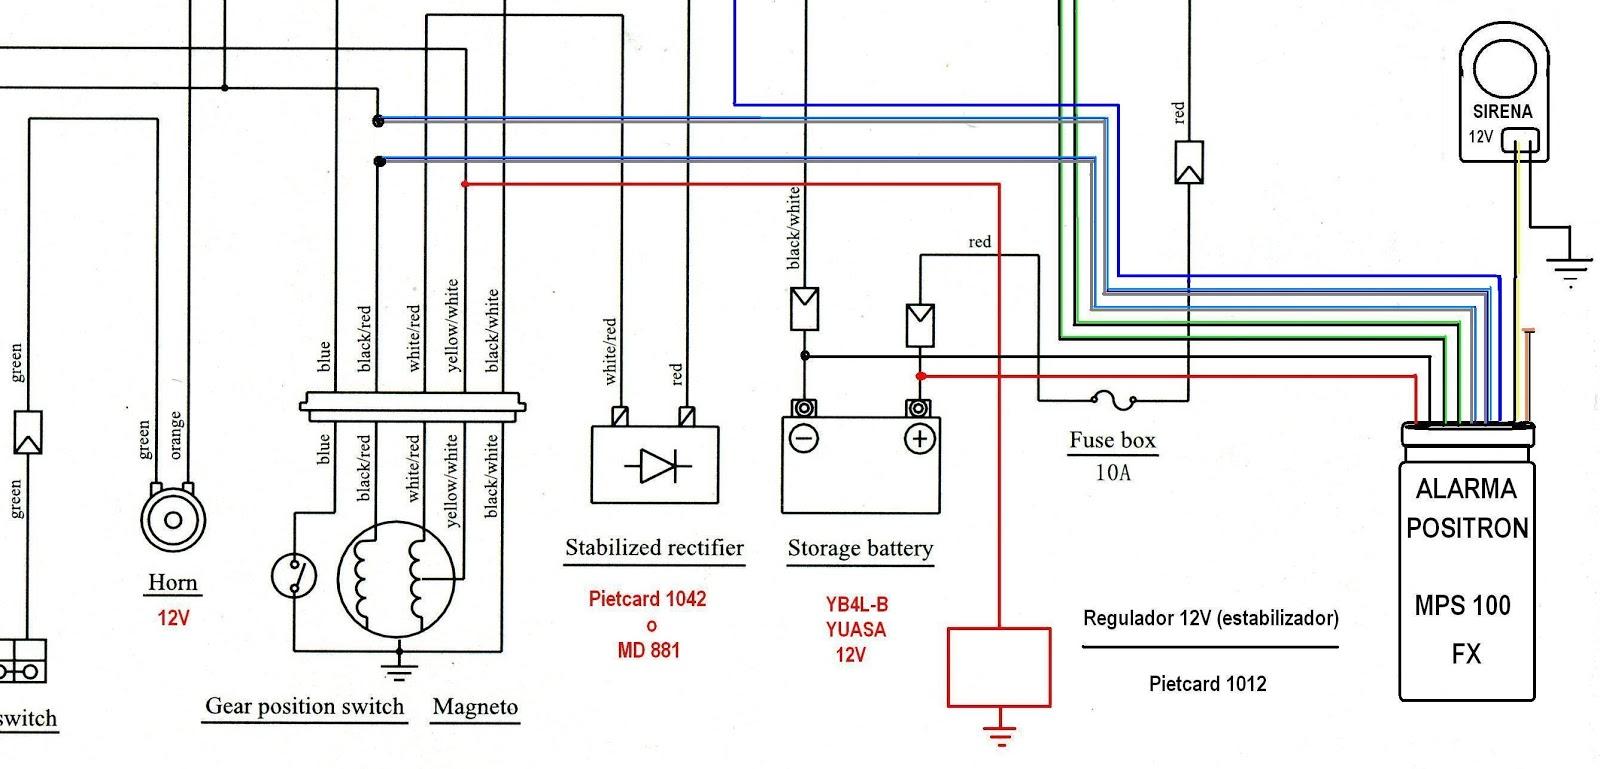 Suzuki Ax100 Wiring Diagram - Schematics Wiring Diagrams •